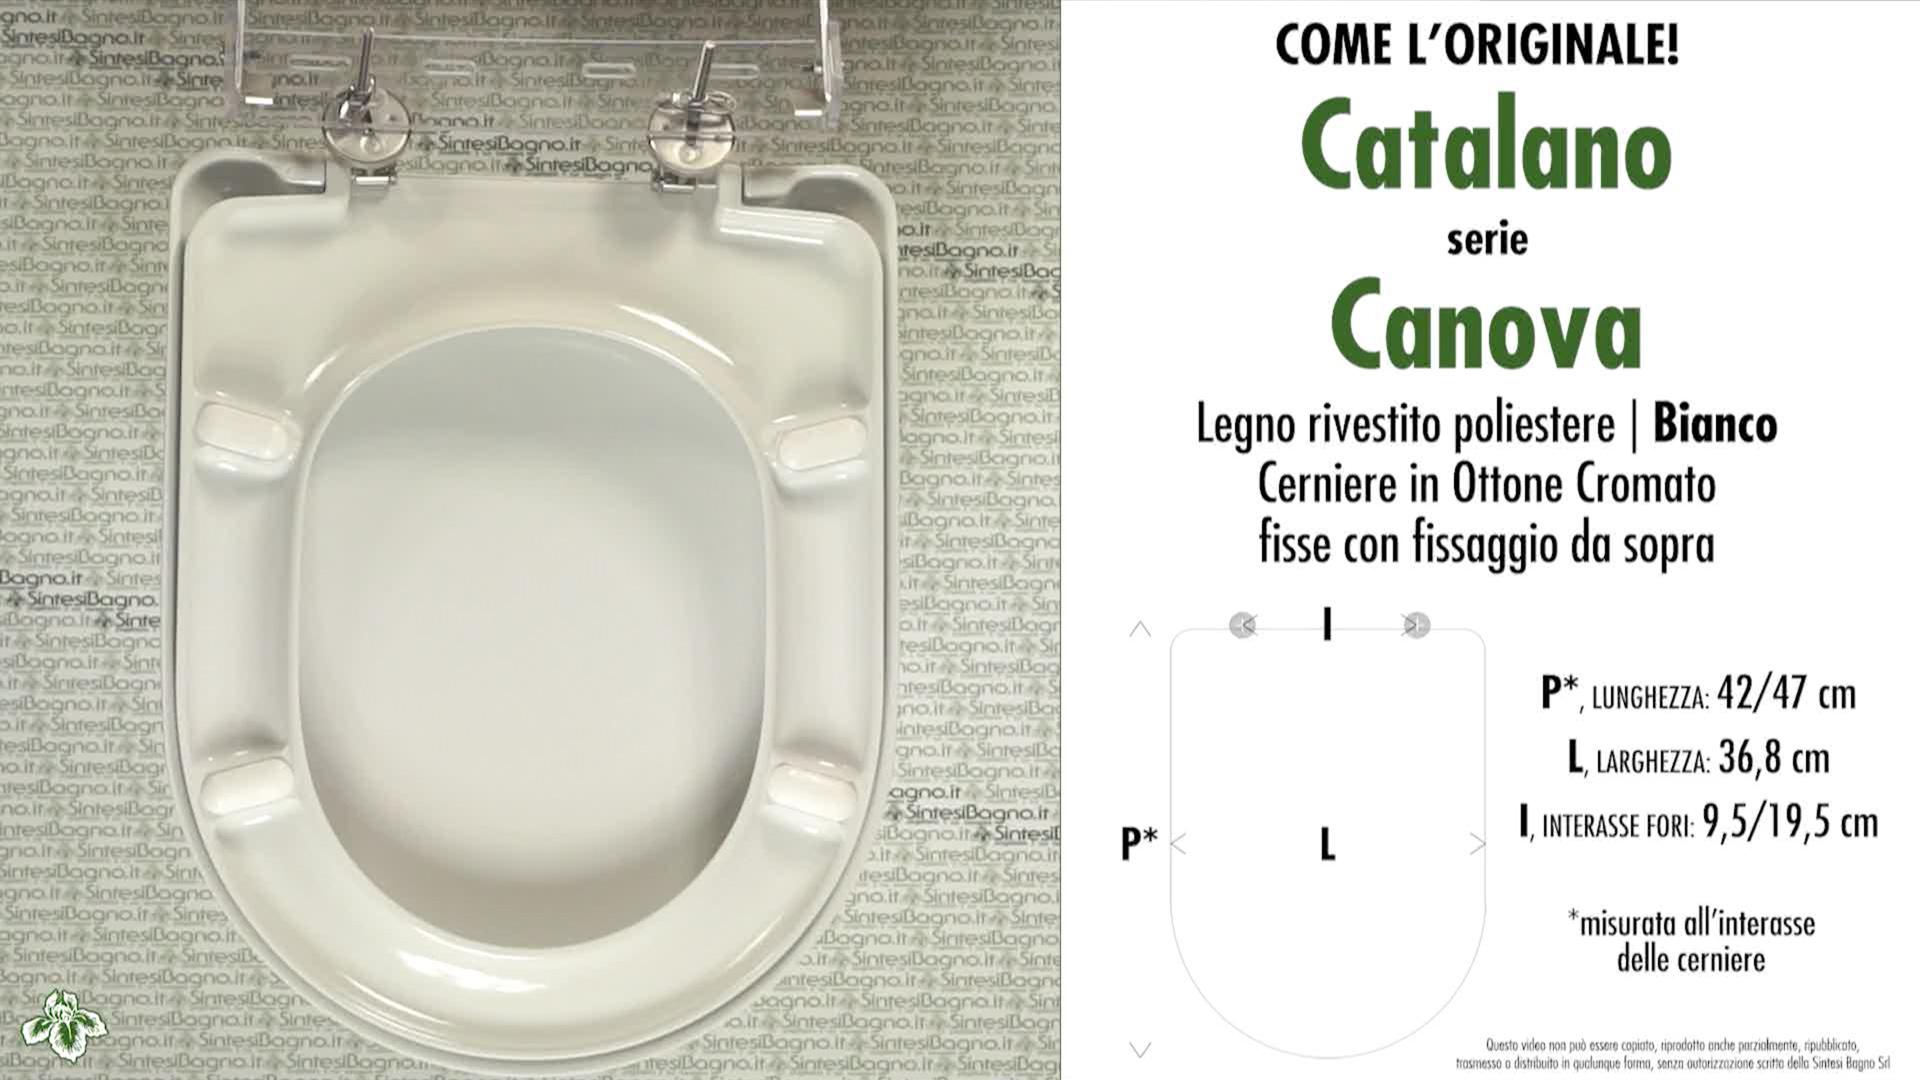 Schede tecniche Catalano Canova